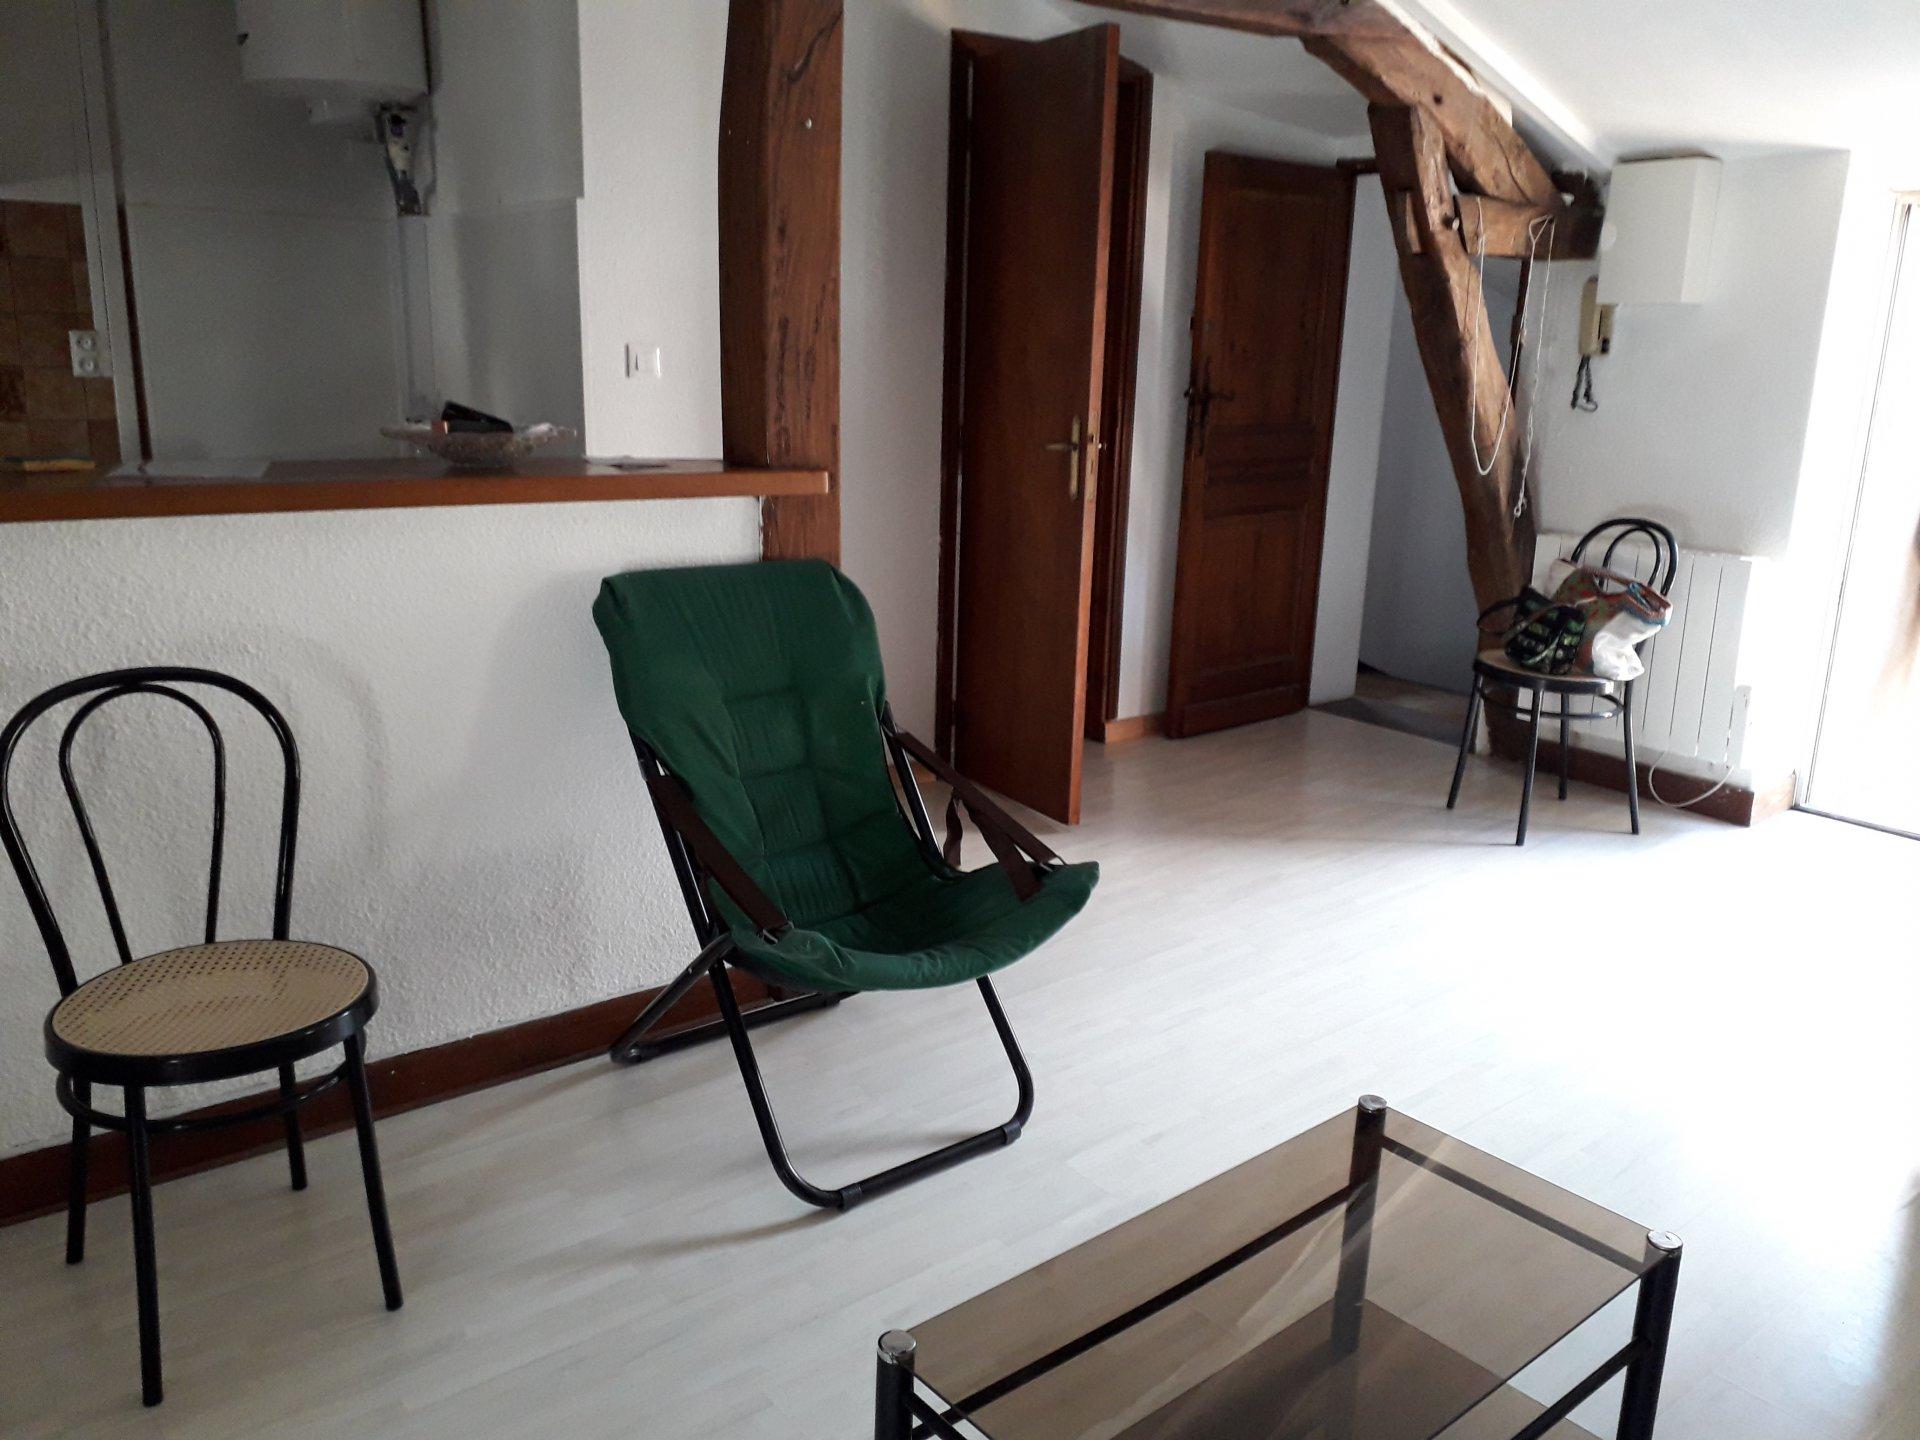 Location Studio - Bergerac